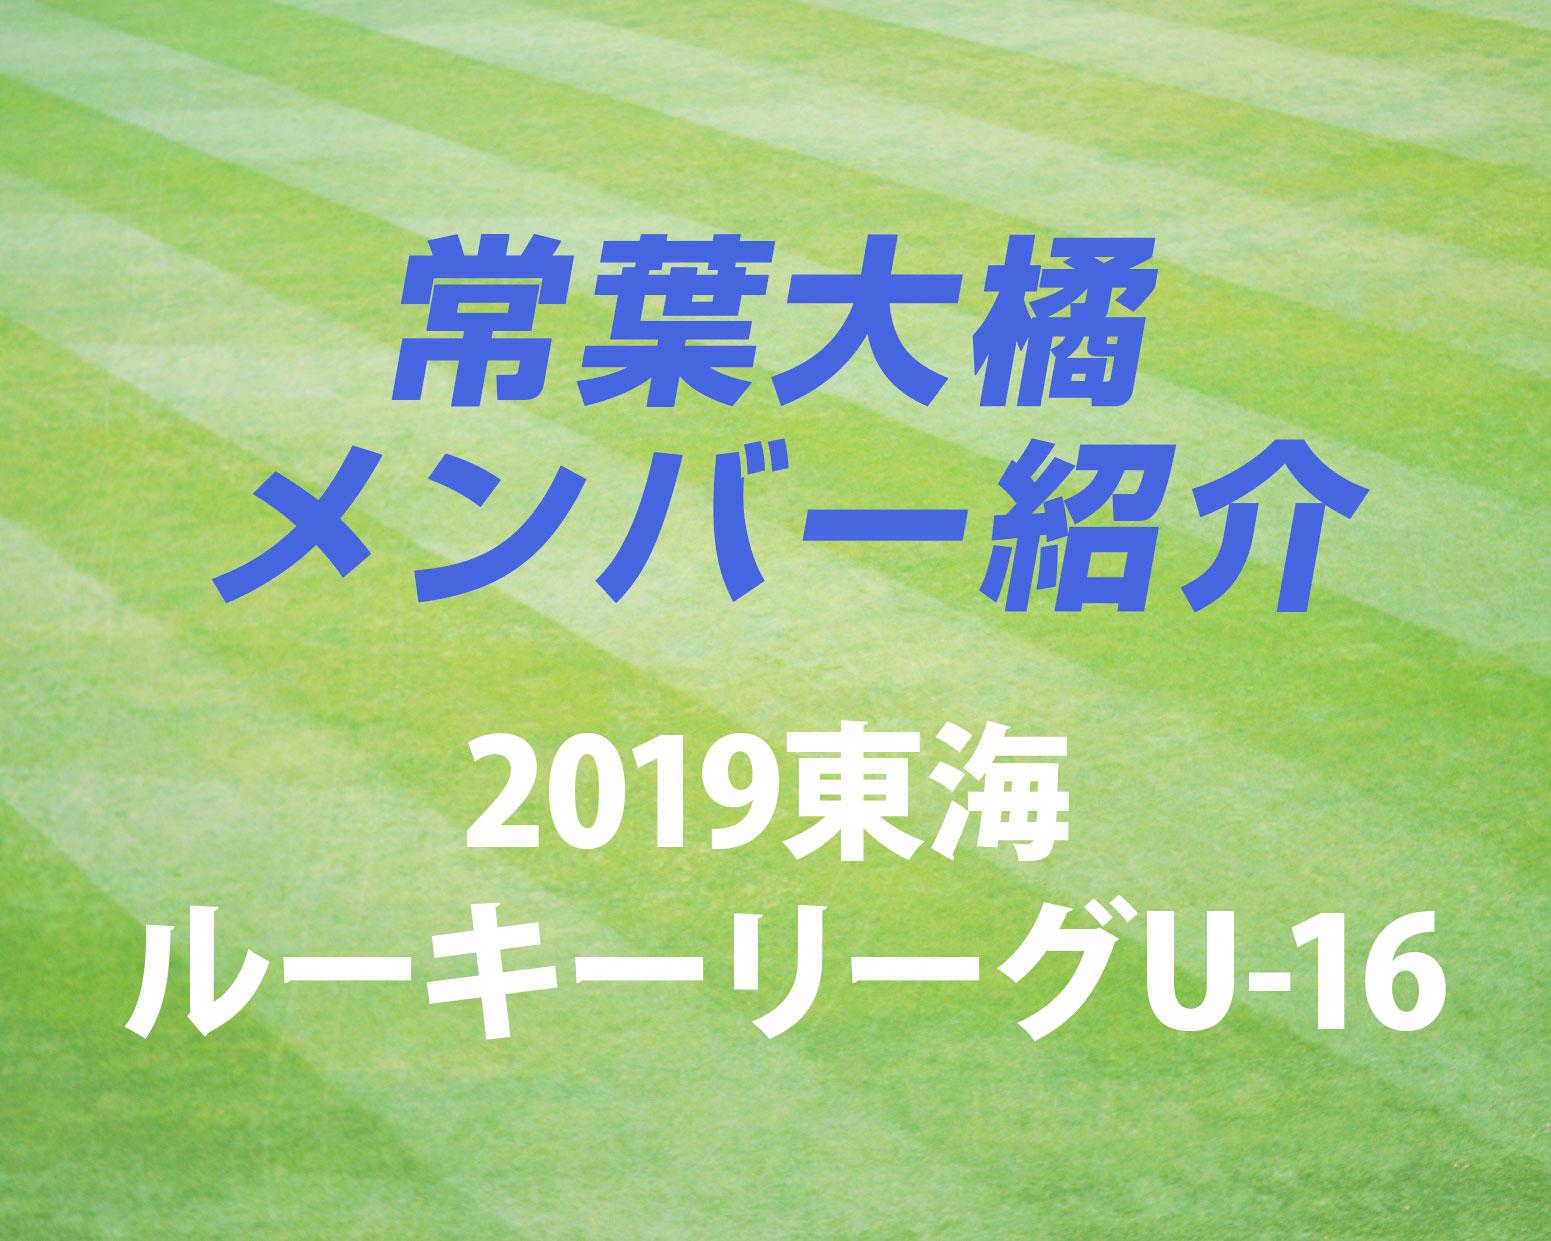 静岡の強豪・常葉大橘高校サッカー部のメンバー紹介!(2019 東海ルーキーリーグU-16)